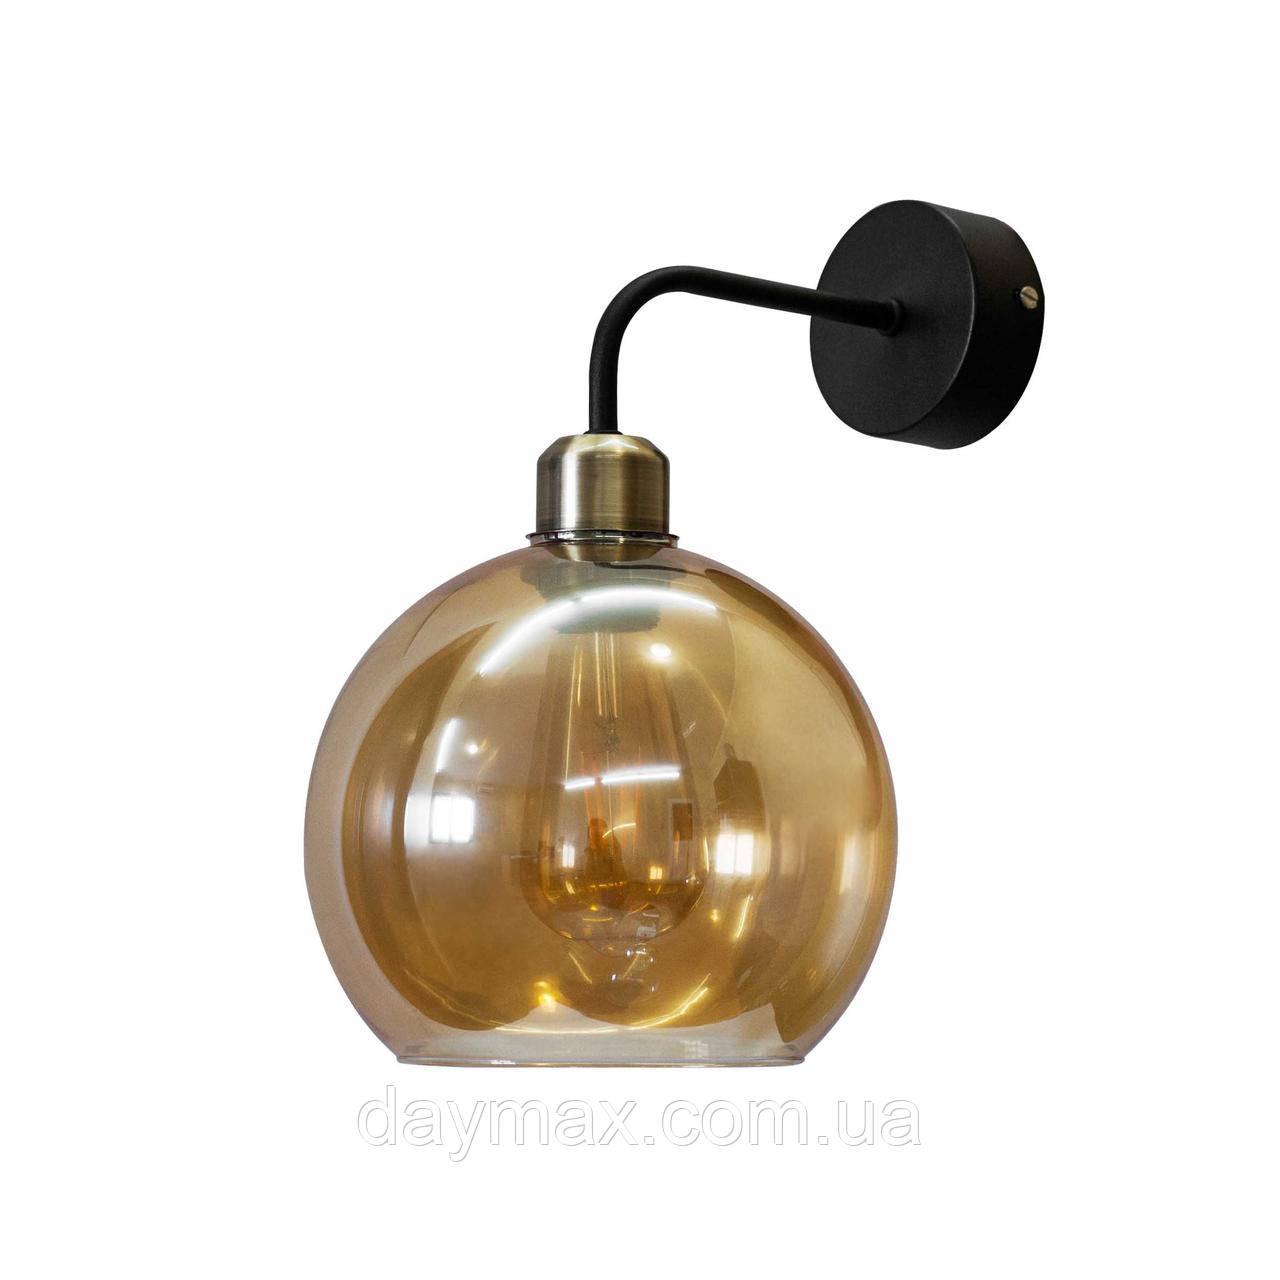 Бра  в стиле лофт  Стеклянный шар  LS 5132-1